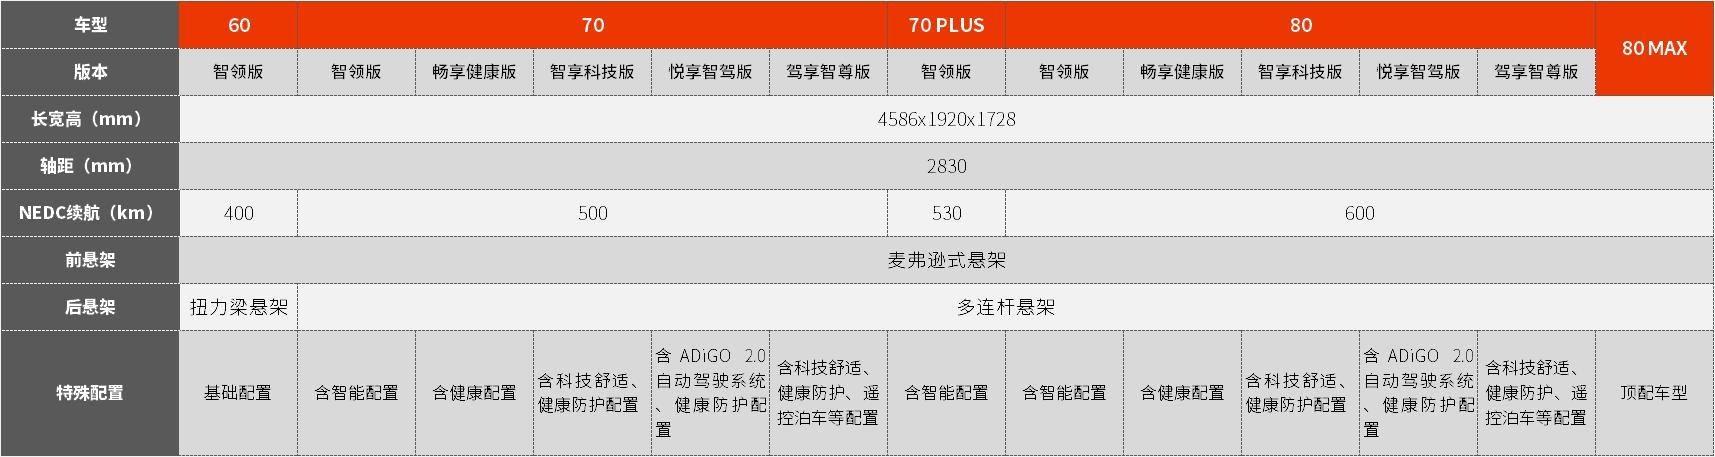 微信截图_20200618212752